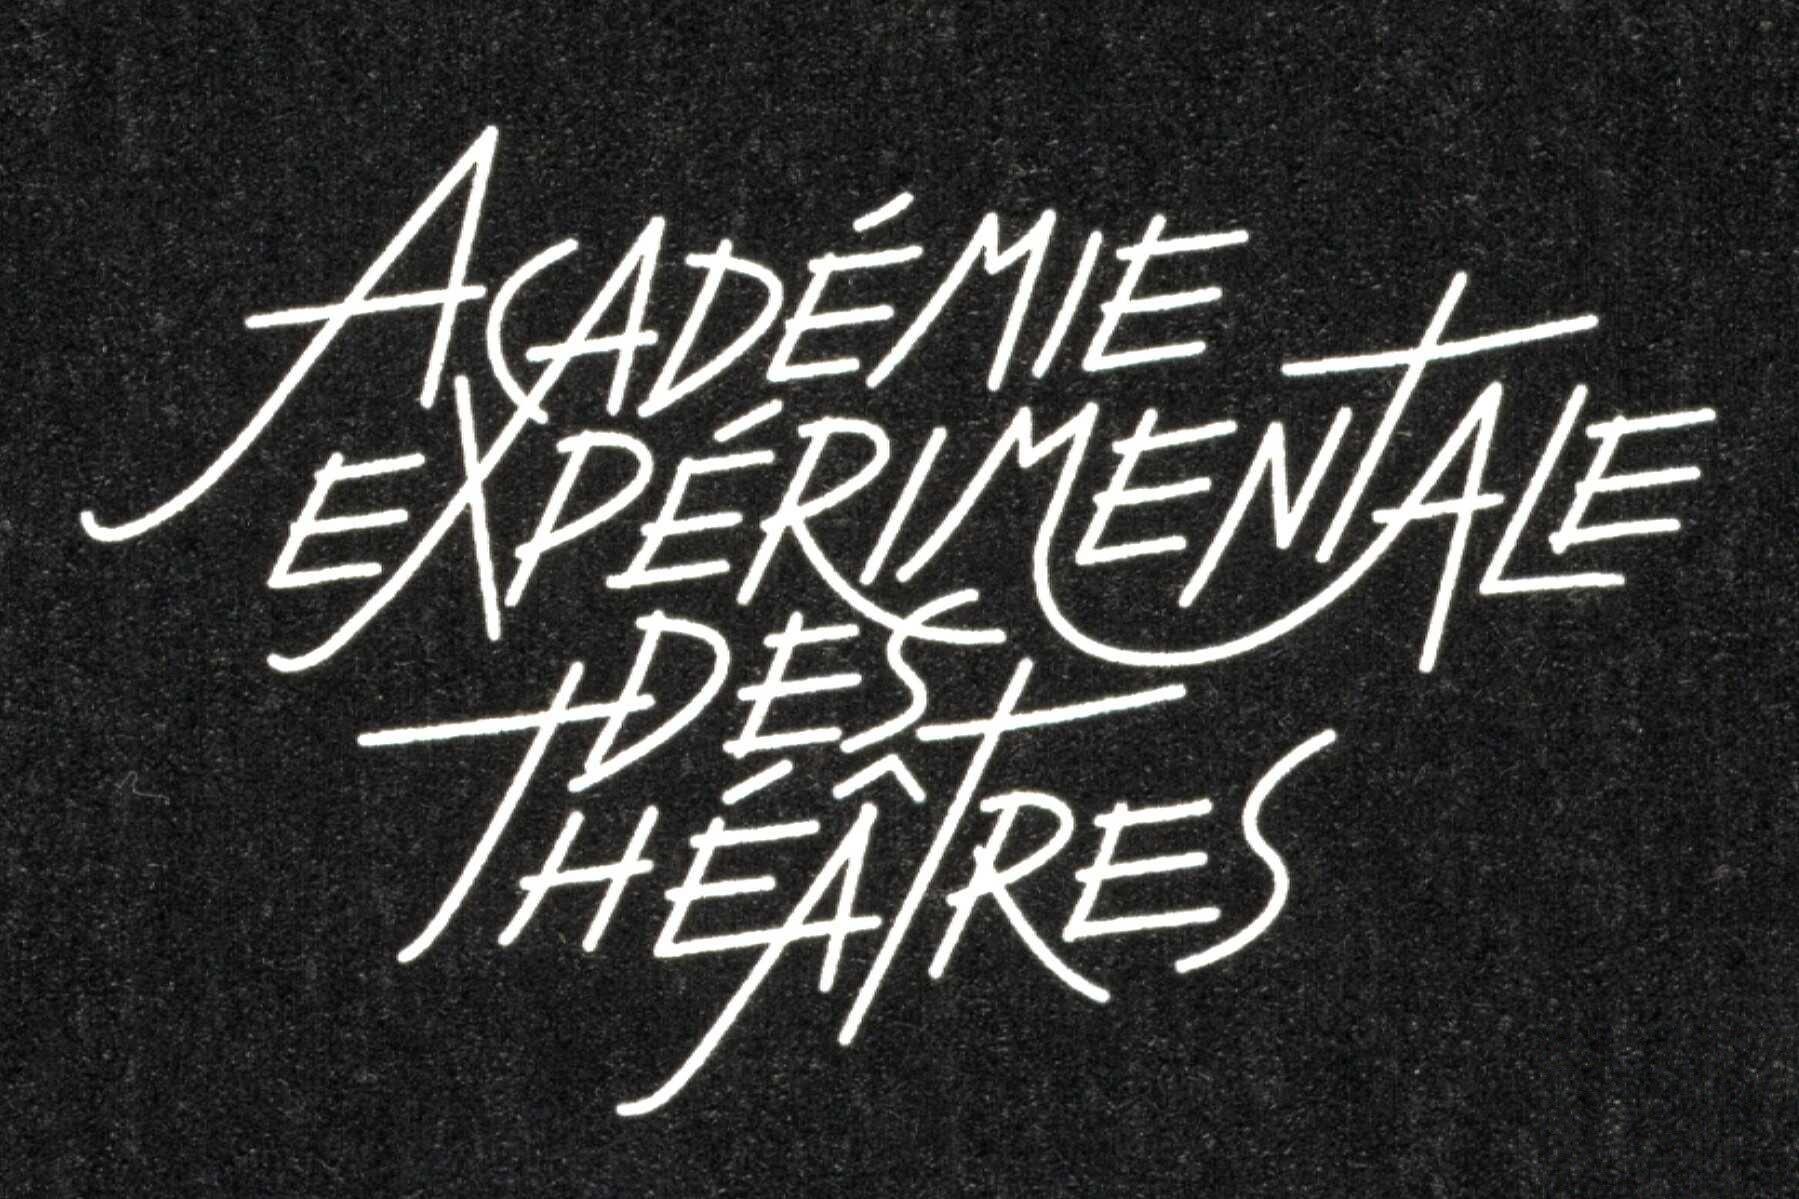 image for Académie Expérimentale des Théâtres